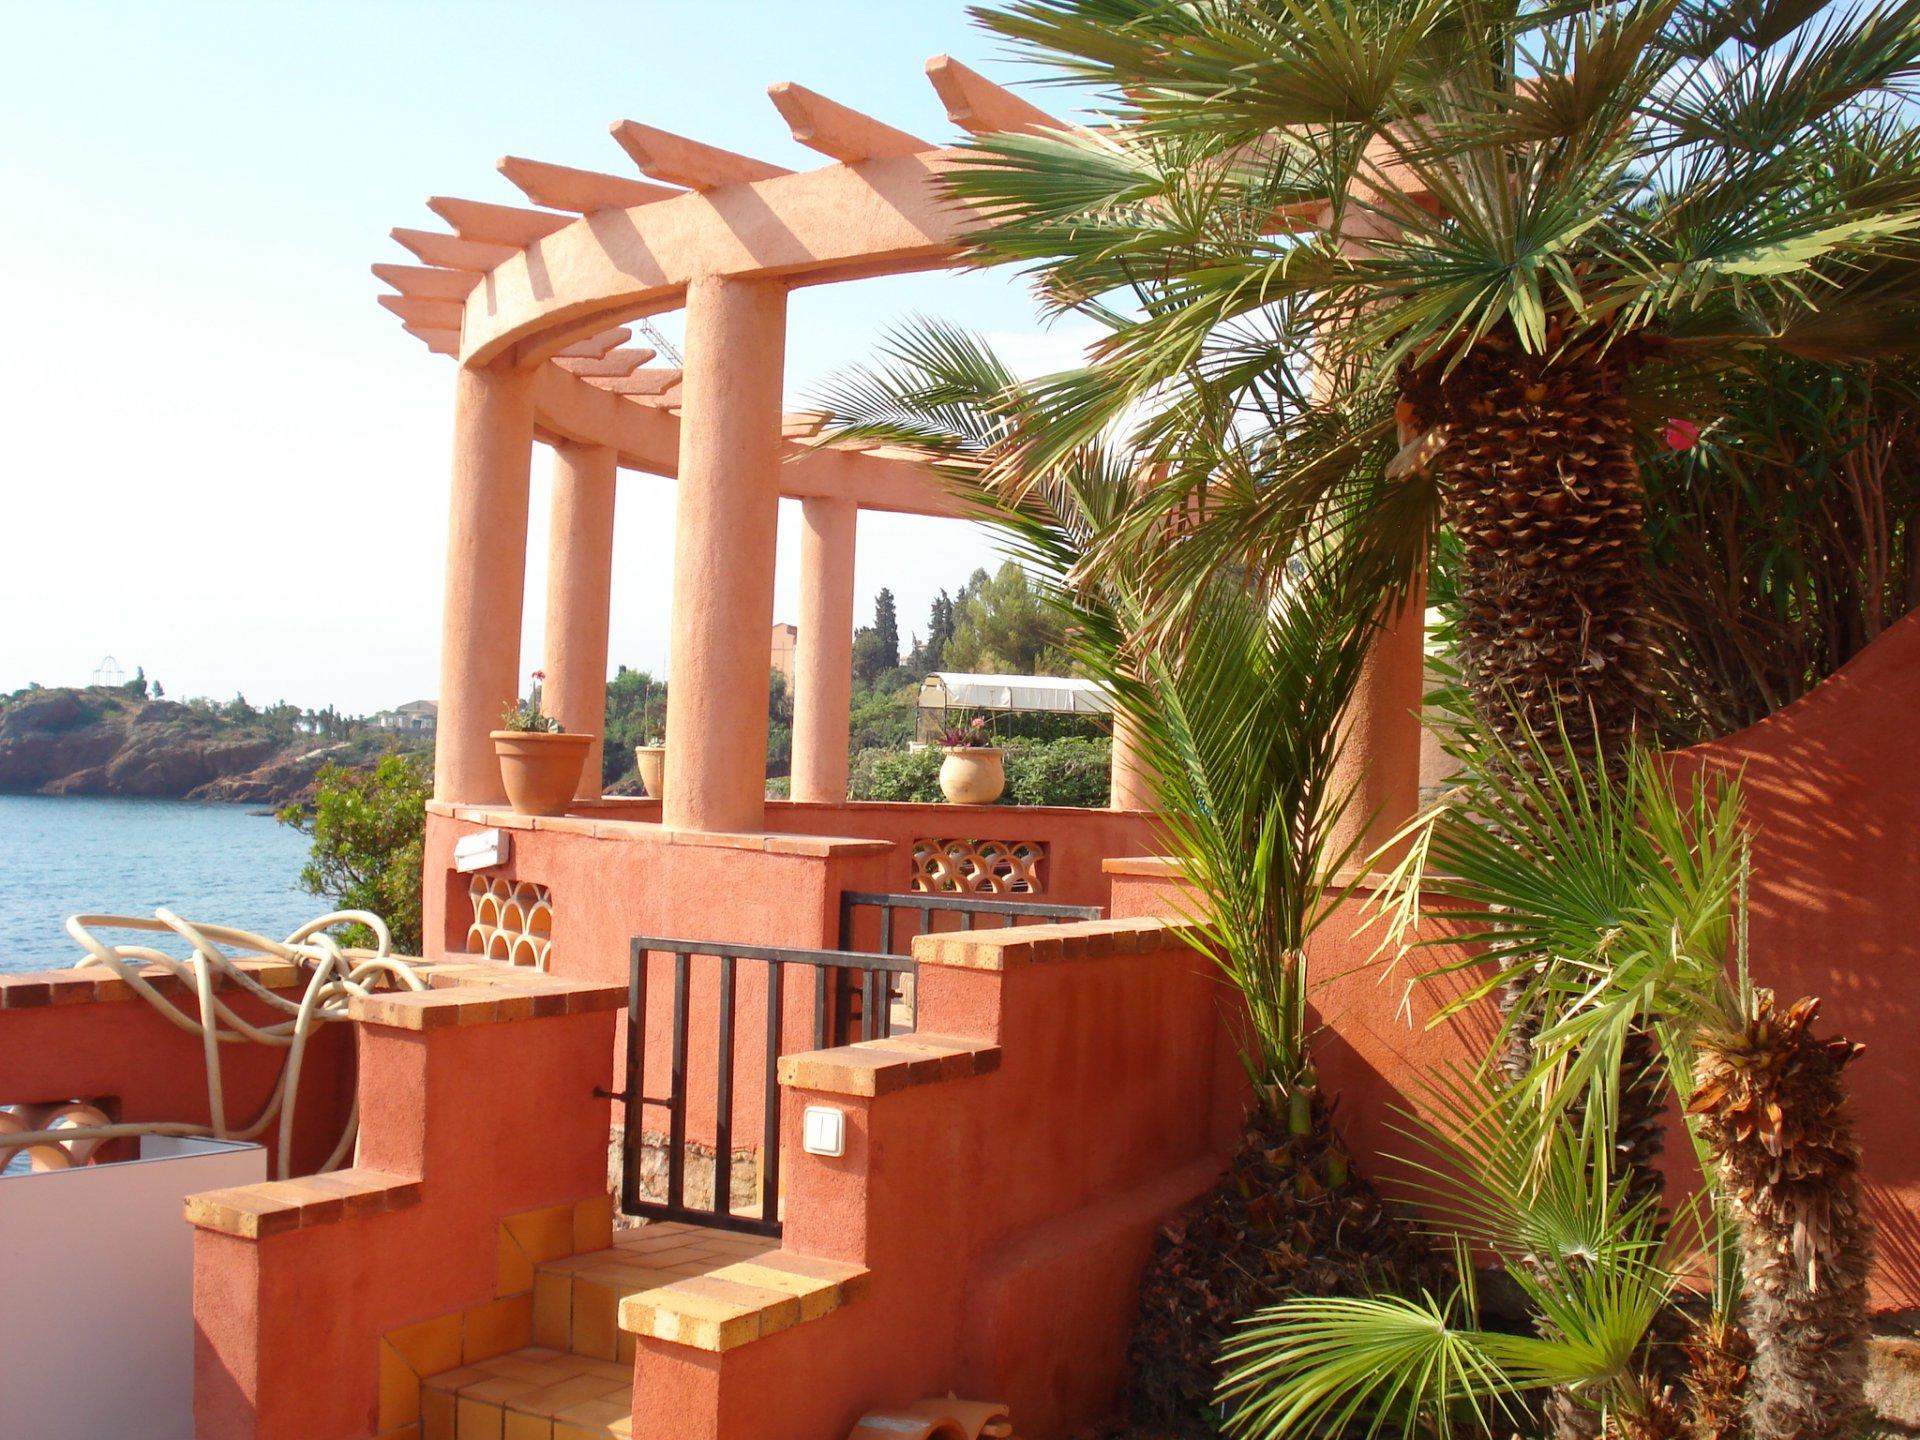 Villa los pies en el agua 15 piezas.   En Théoule-sur-Mer, Villa de los pies en el agua 350 m² con vista panorámica al mar con orientación sur-este, en muy buen estado. La villa dispone de 11 habitaci